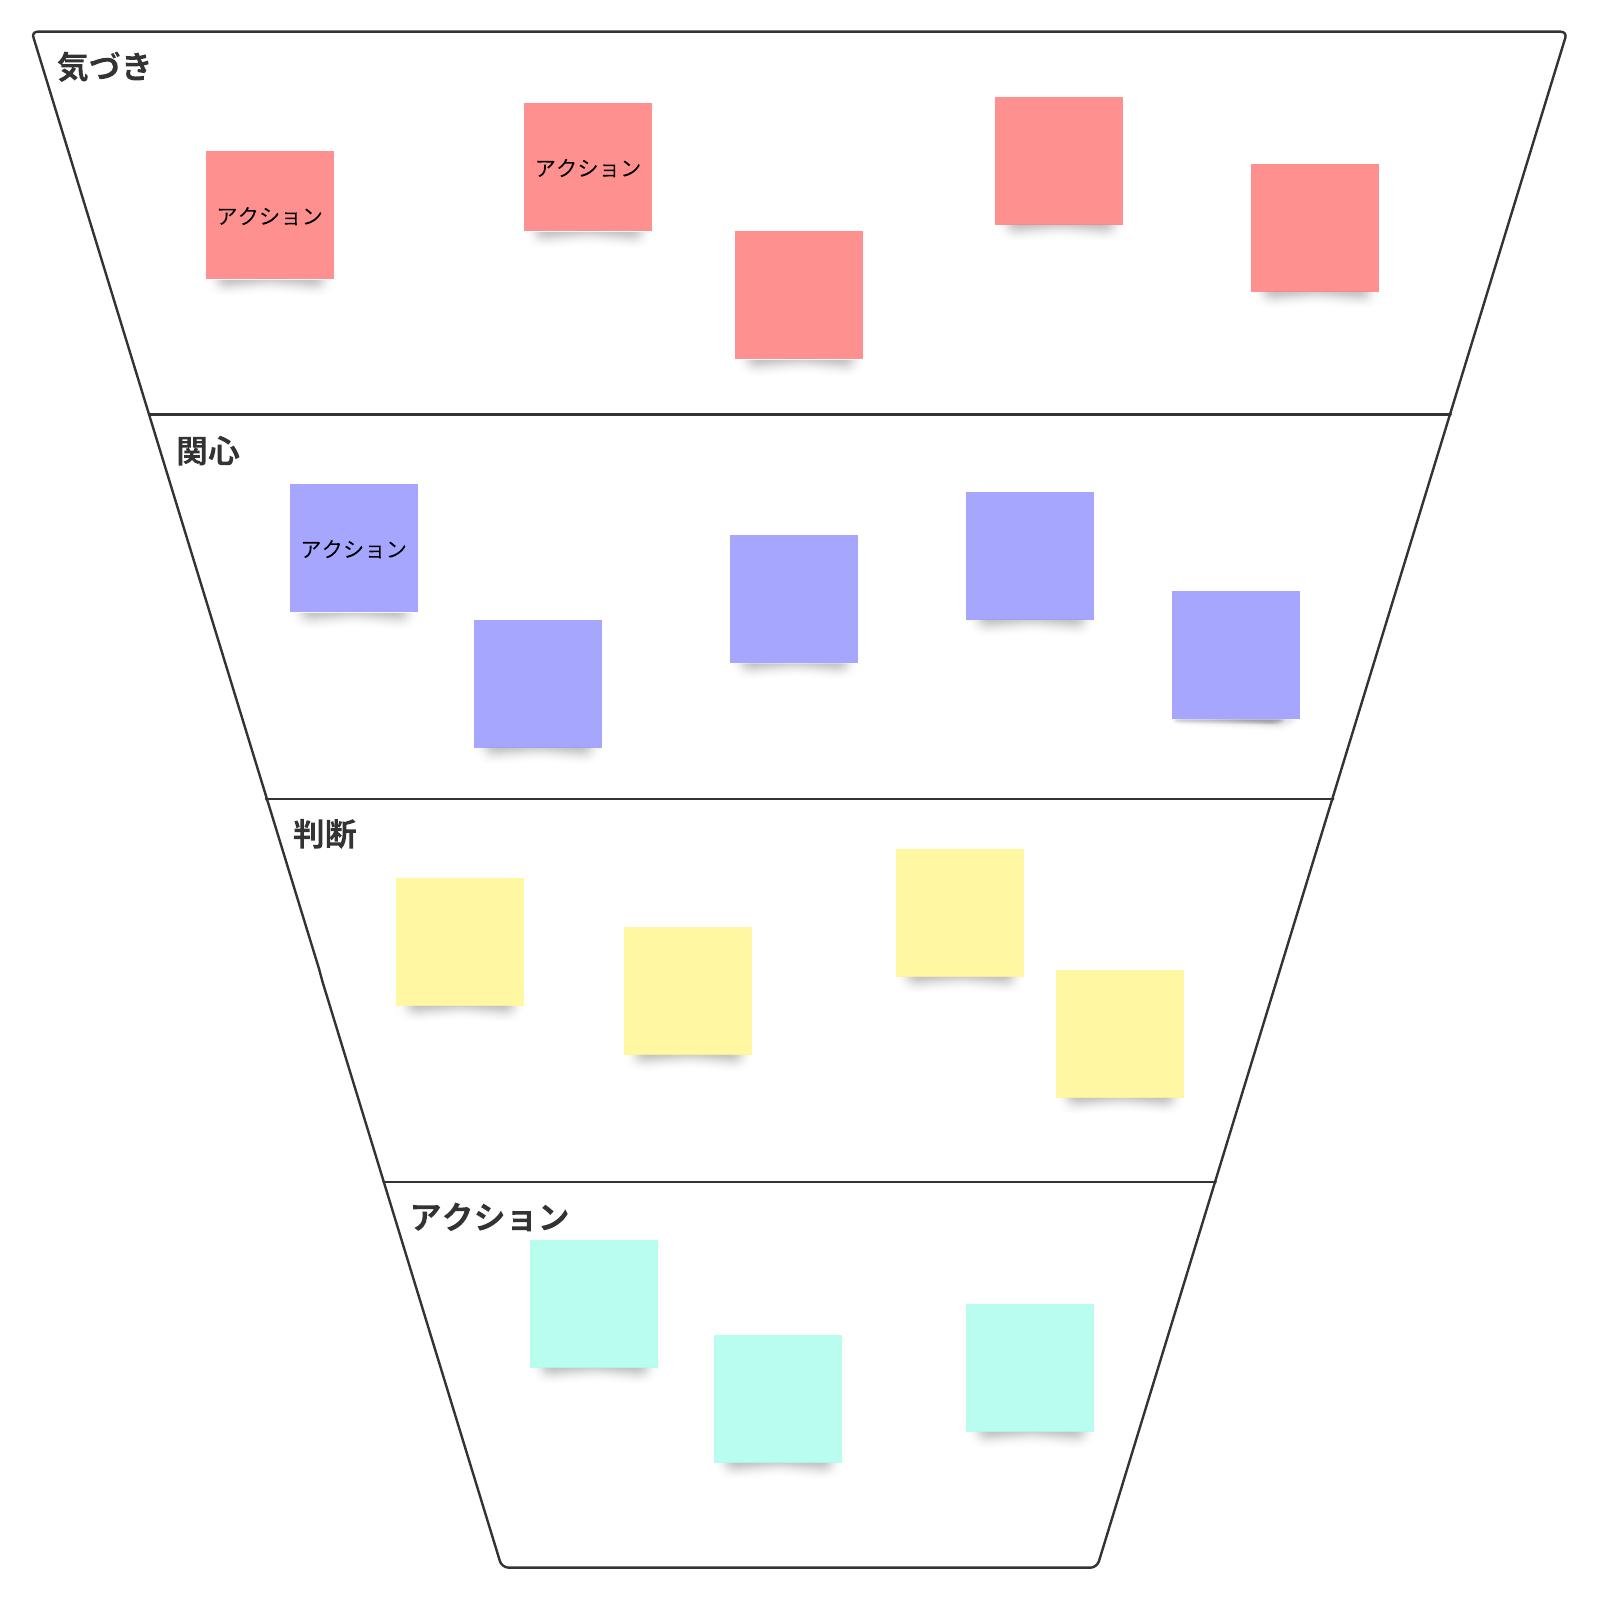 コンバージョンファネル分析の例